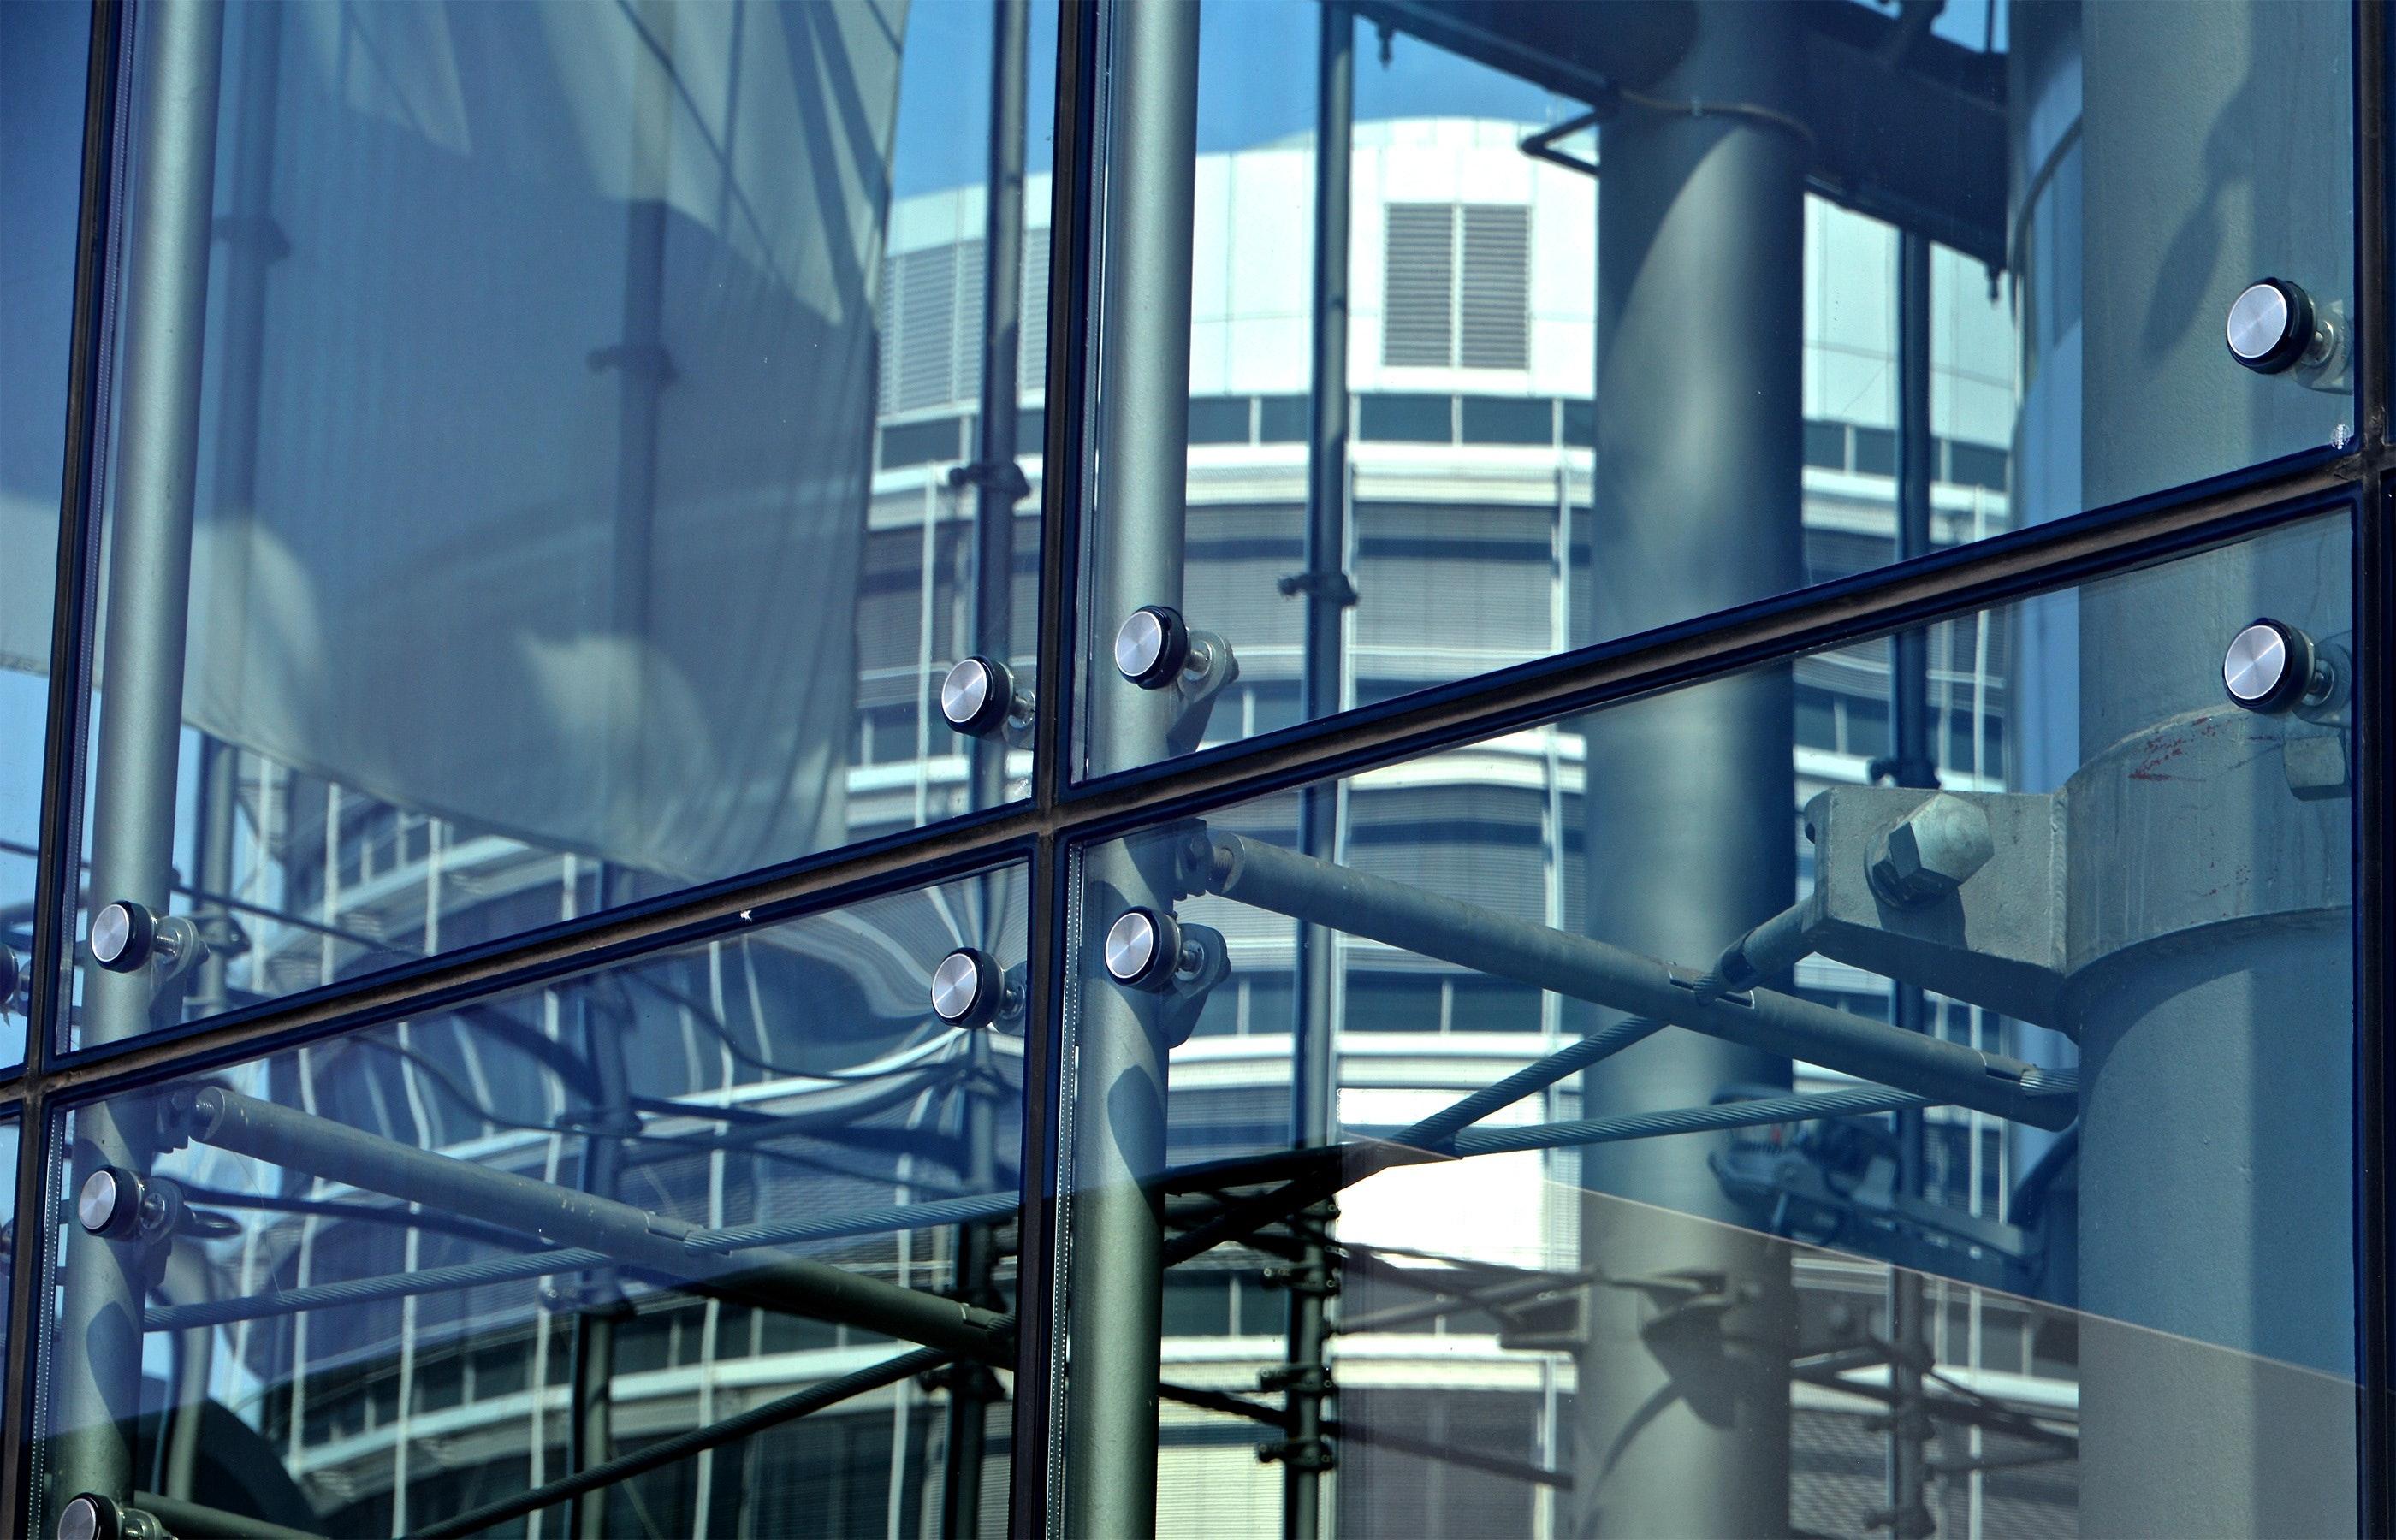 Facciata puntuale con vetro e ragnetti di sostegno Morbegno Sondrio Valtellina Lombardia Italia